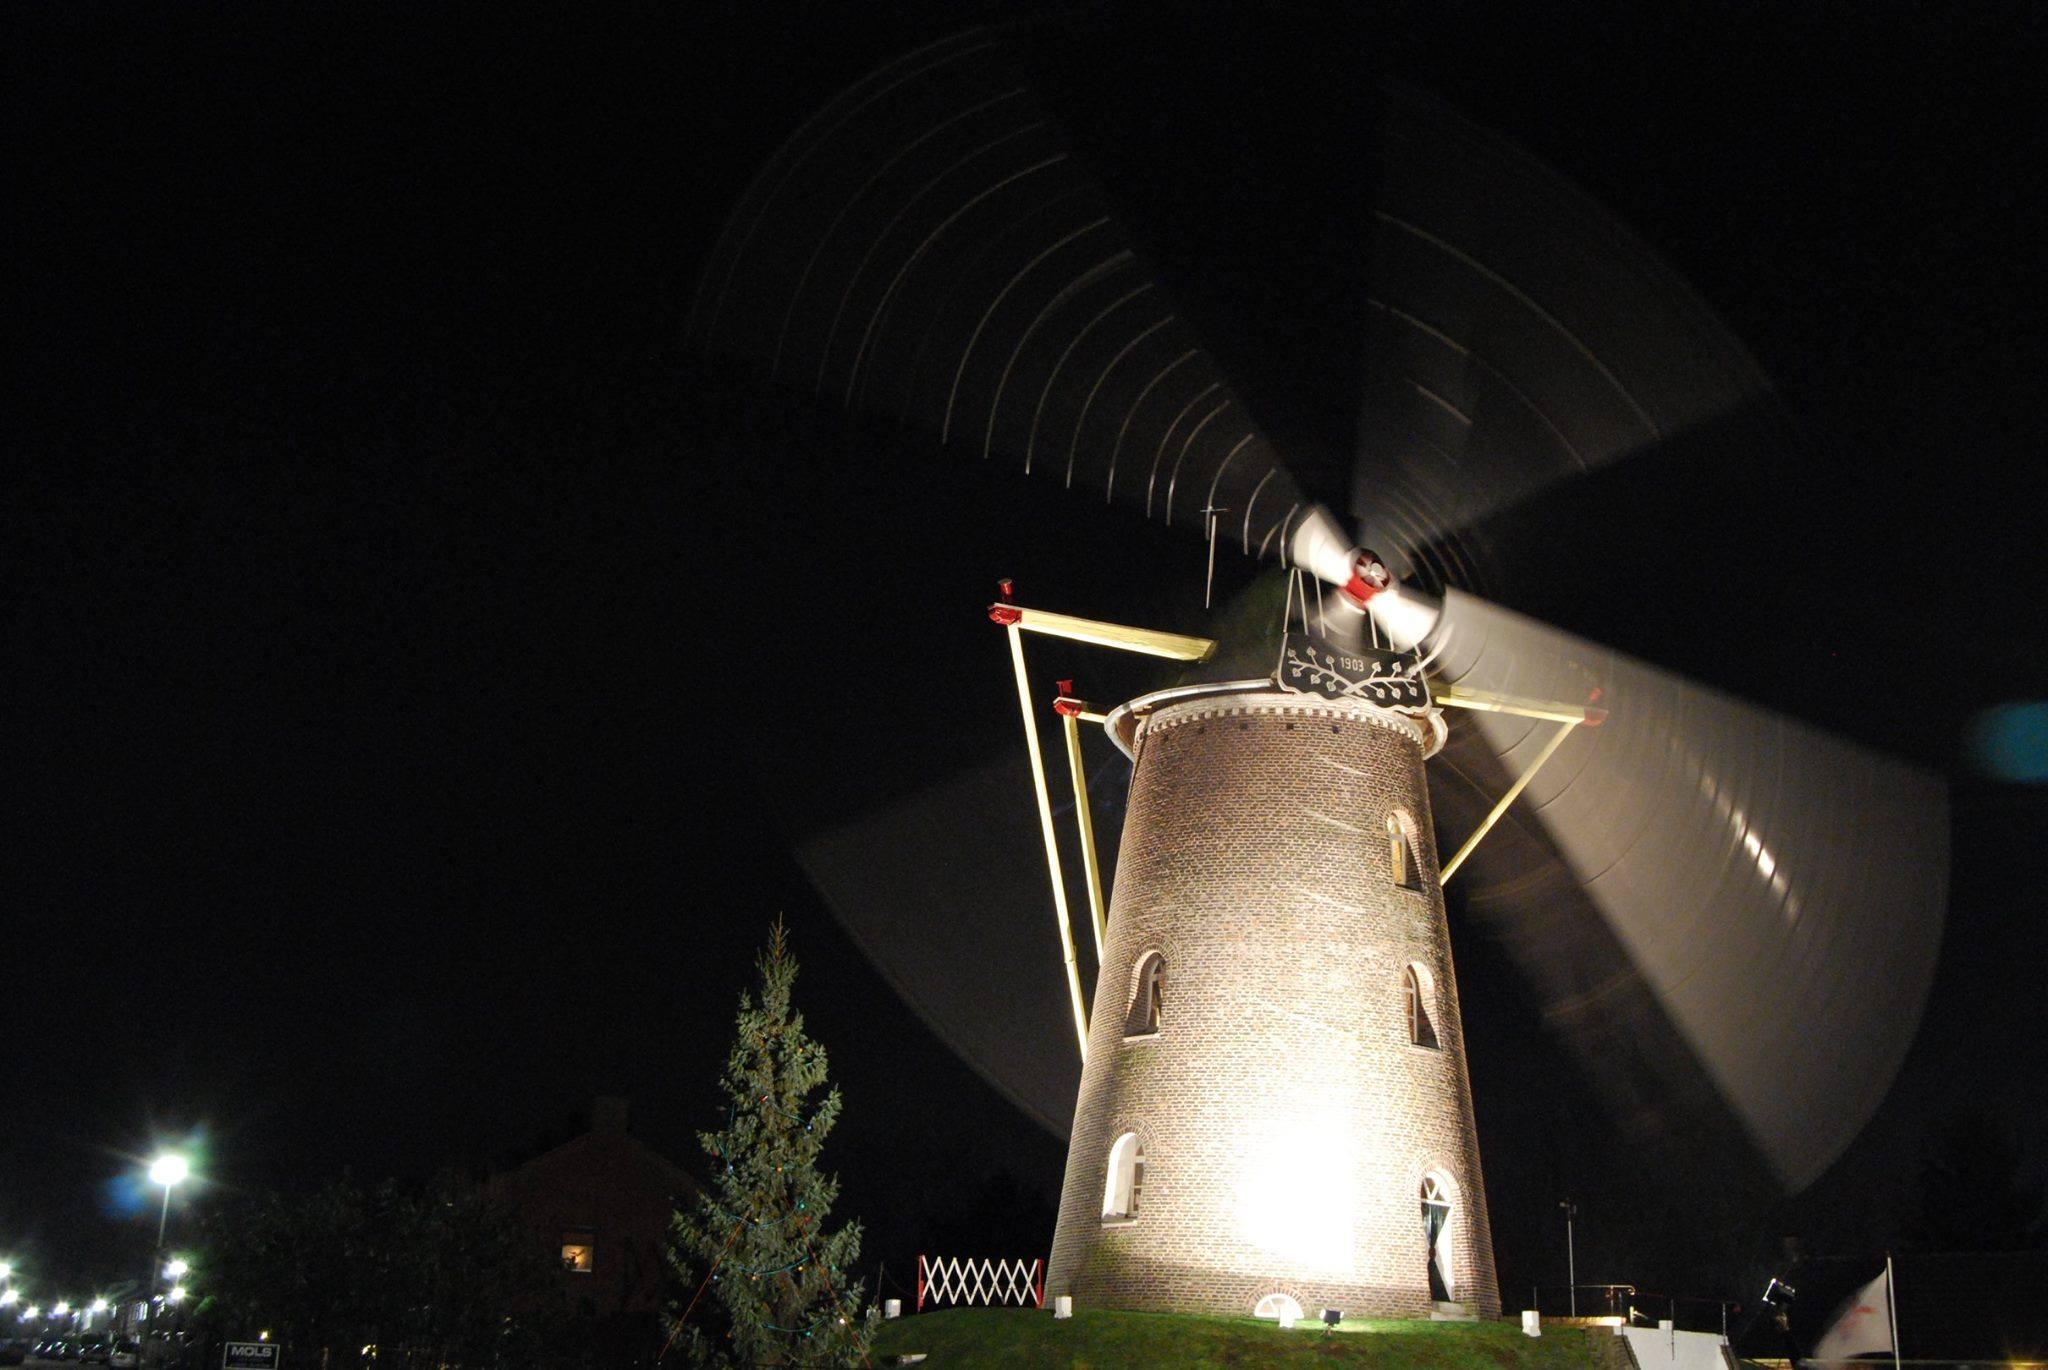 Molen De Nijverheid: 17 december avonddraaien. Foto: Bas Steijvers